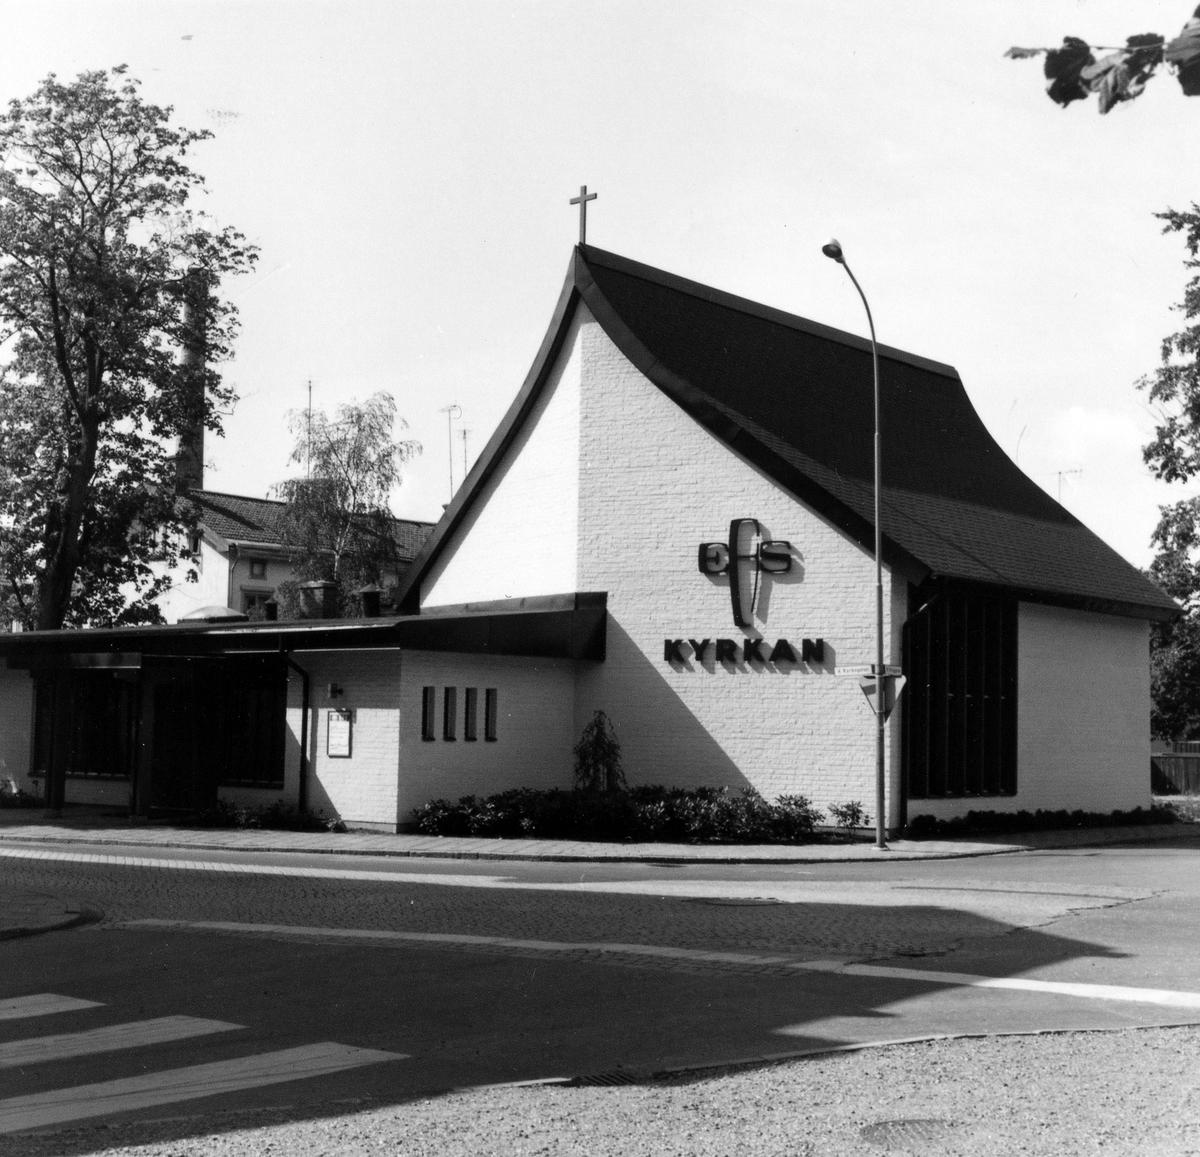 EFS nya kyrka. Kyrkan är vit med mörkt tak och texten EFS KYRKAN skriven på husväggen.